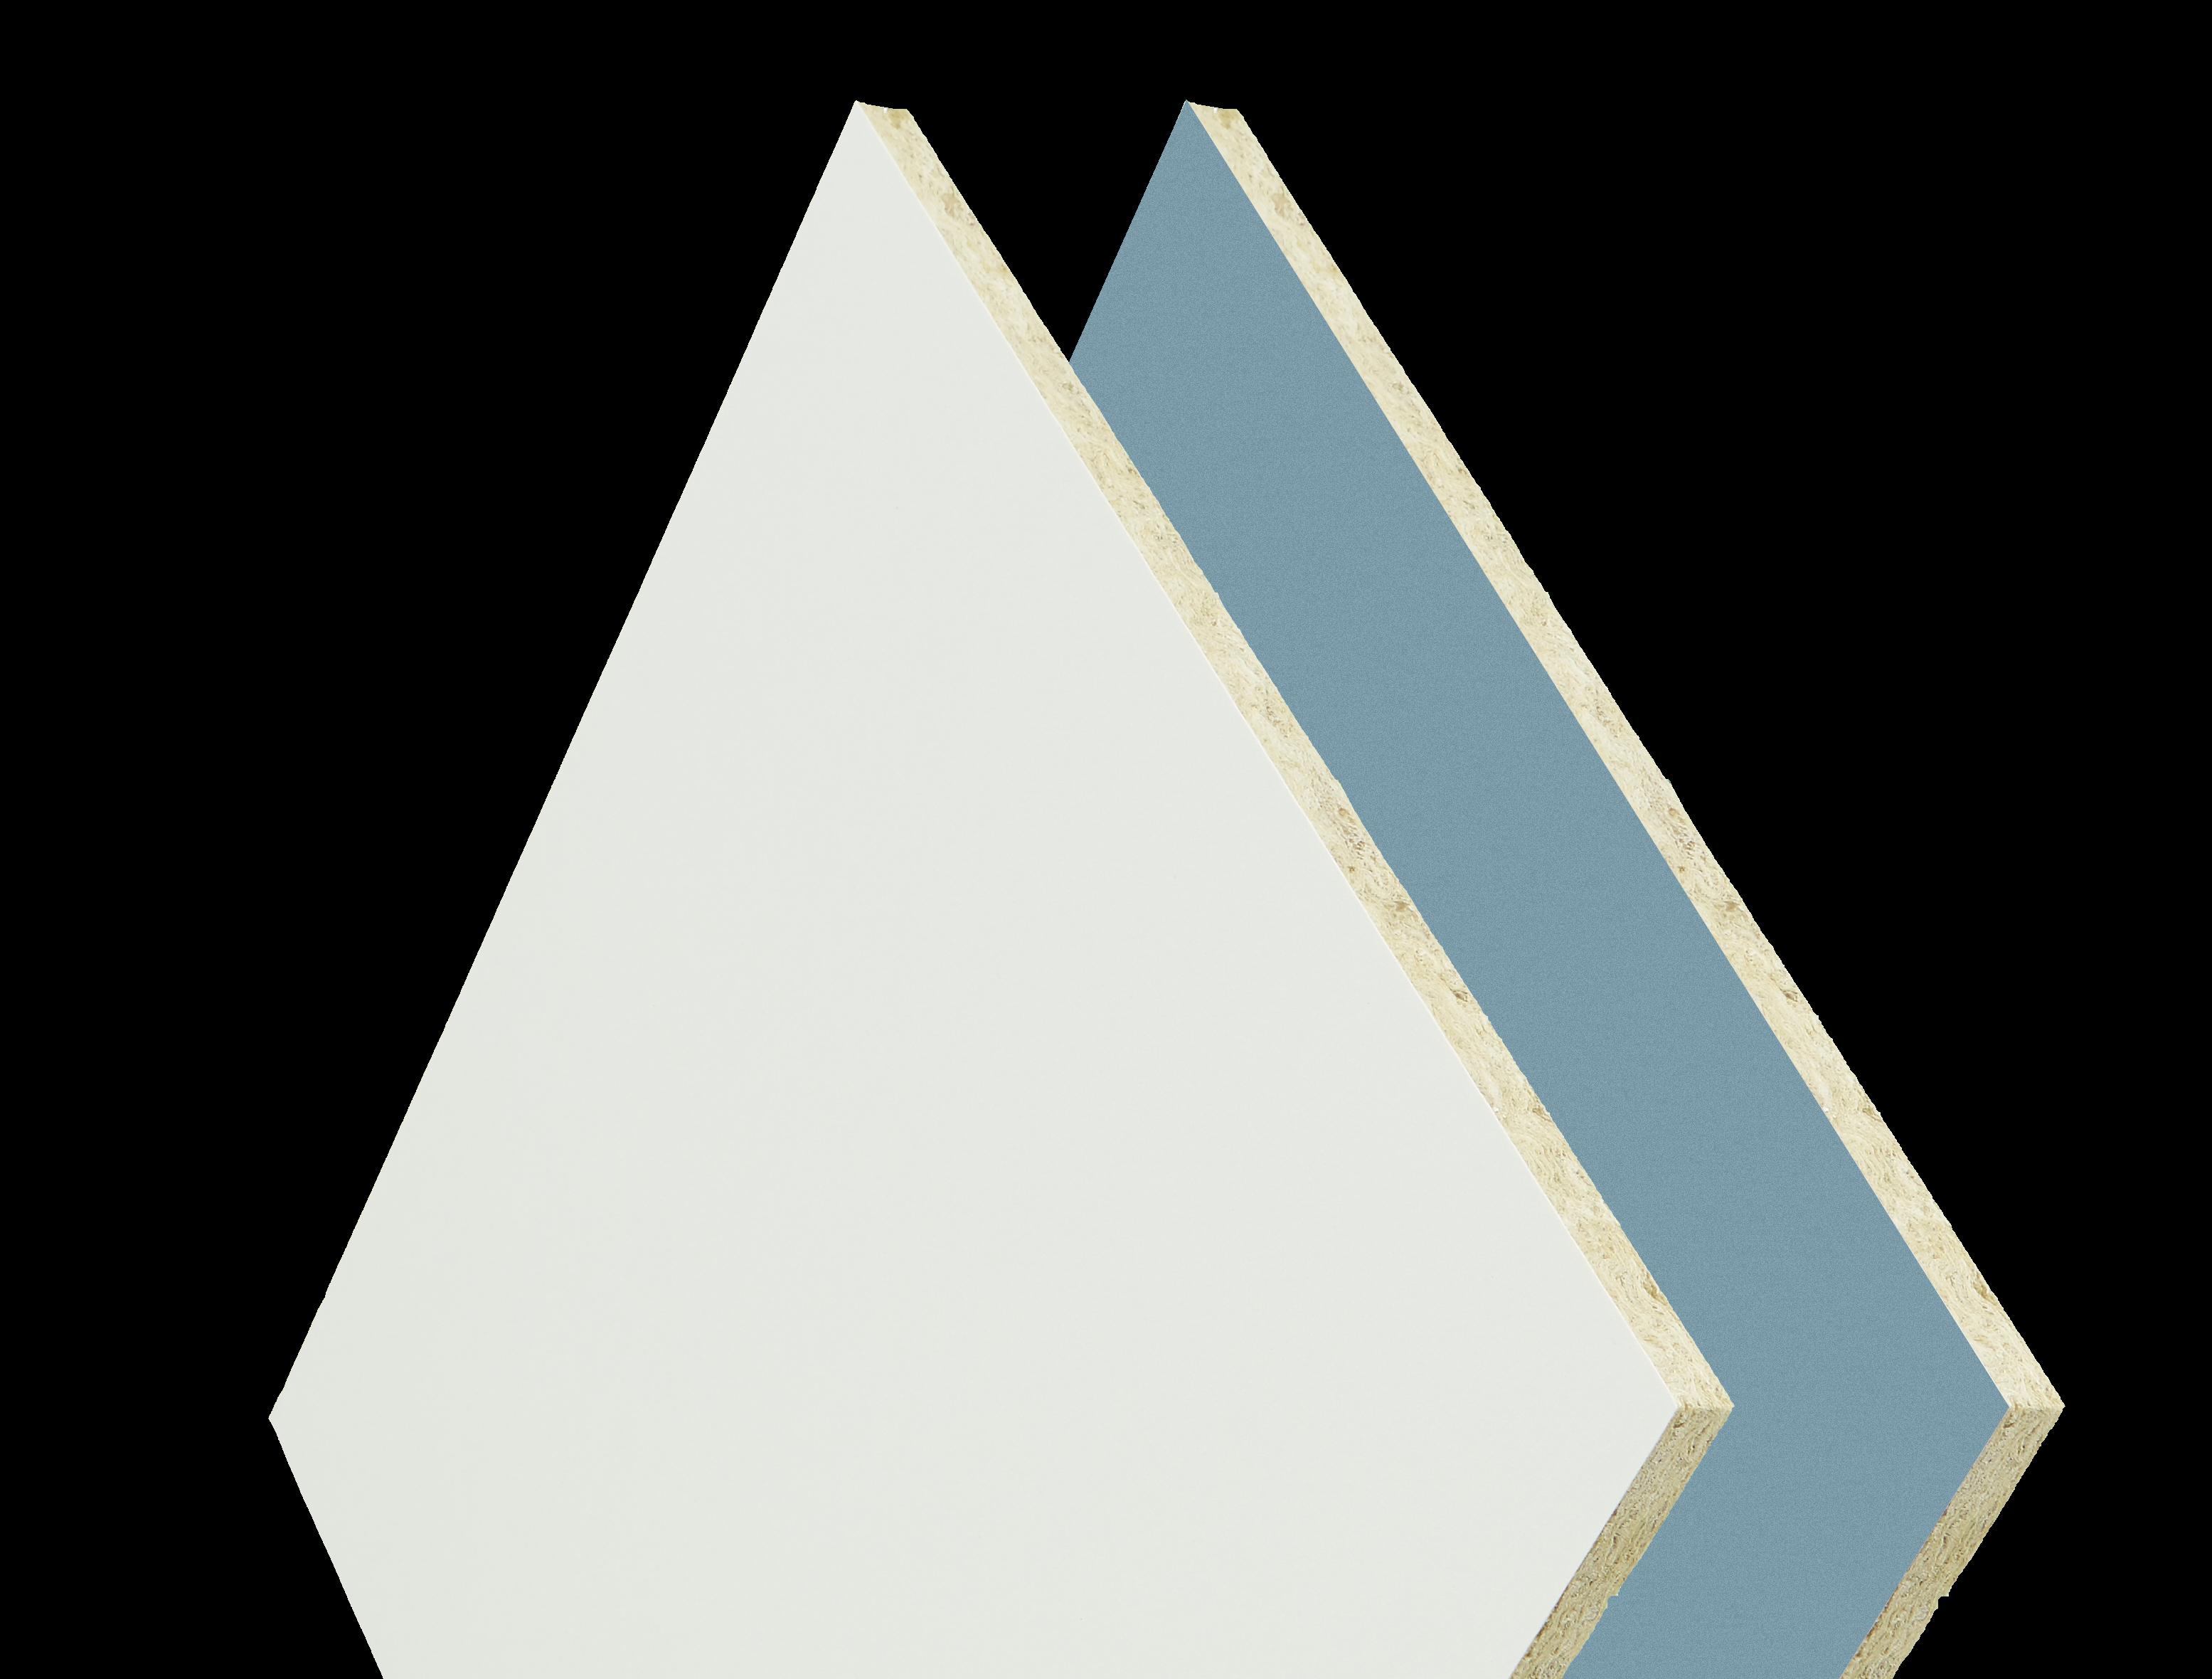 TileSample